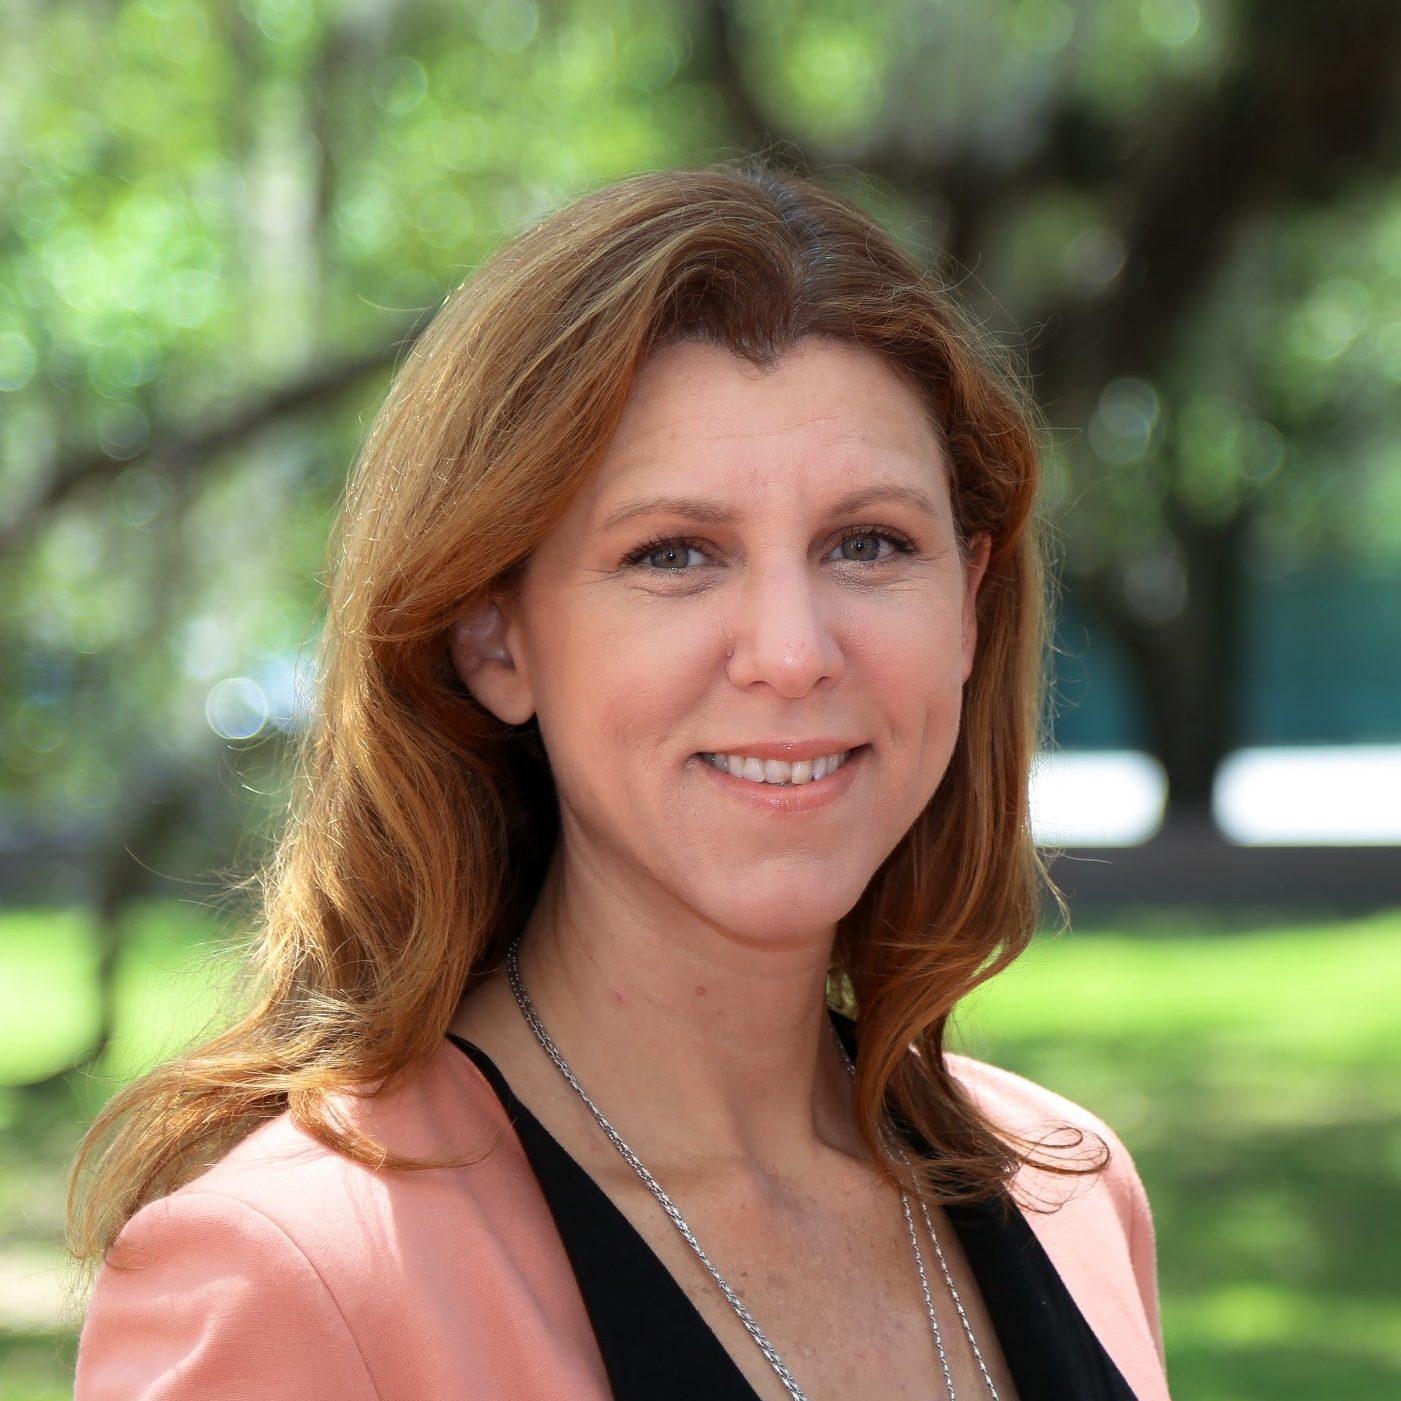 Kristin Dozier Headshot